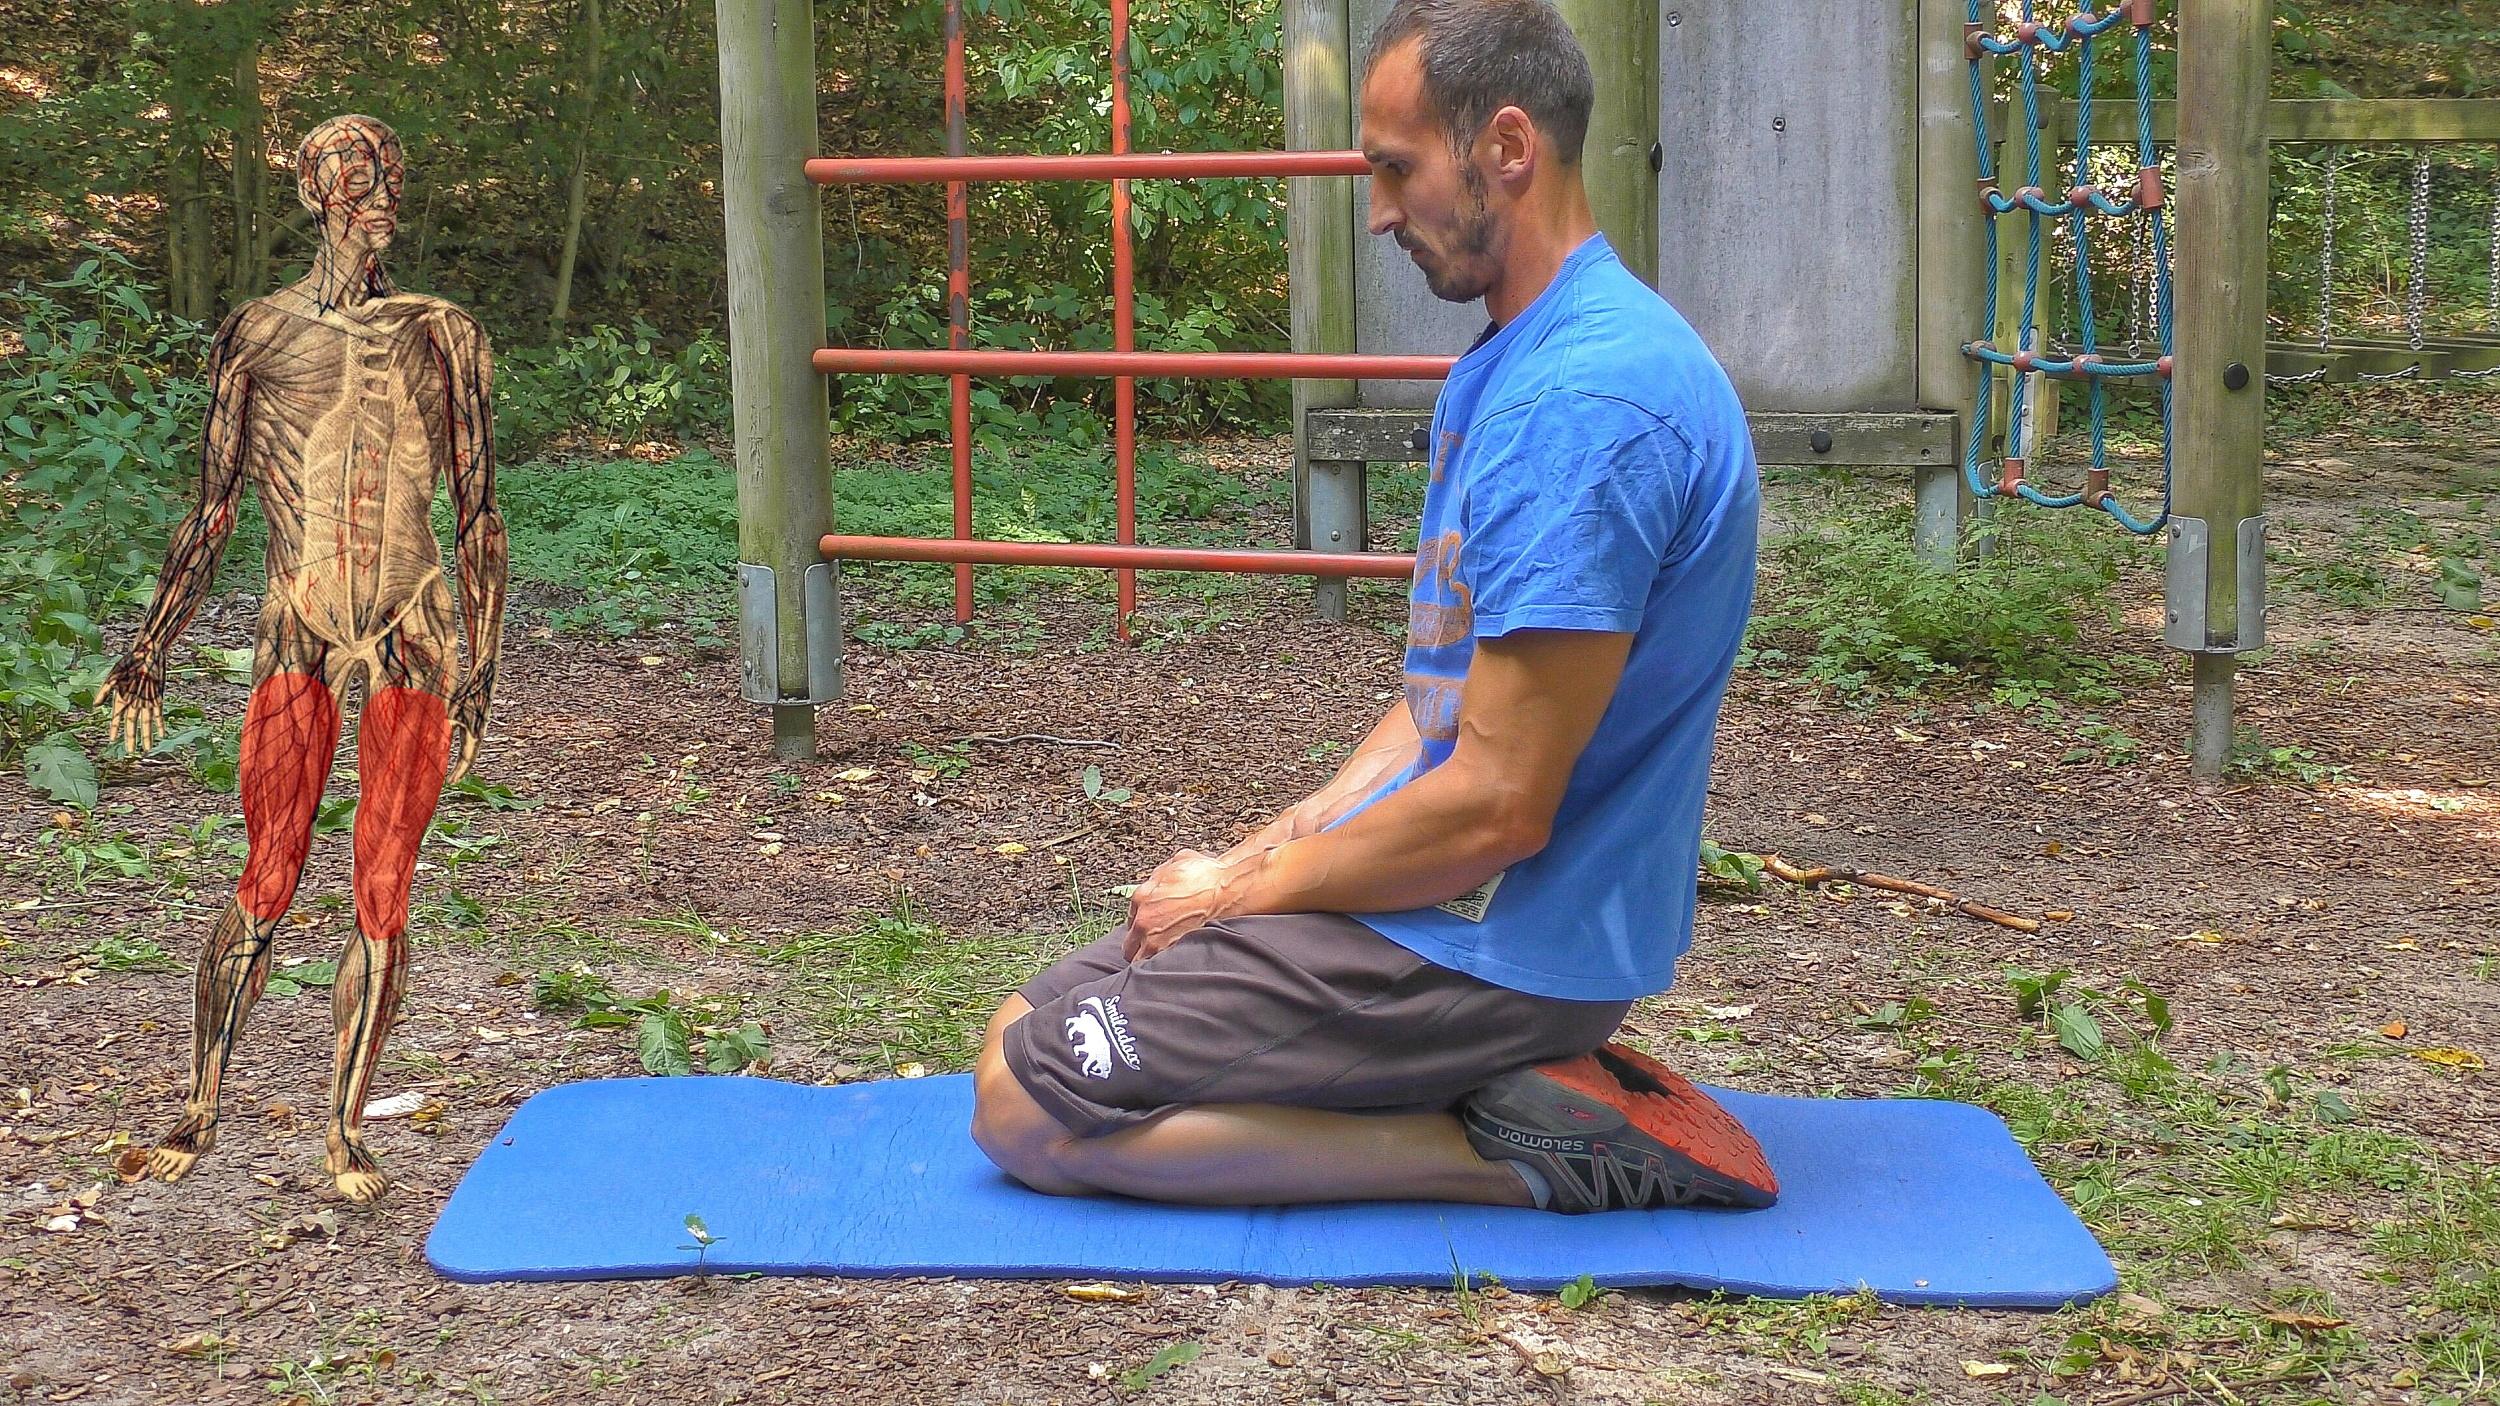 Verletzungsprophylaxe durch Beweglichkeit - Übung 02 - Oberschenkel vorne, Knie